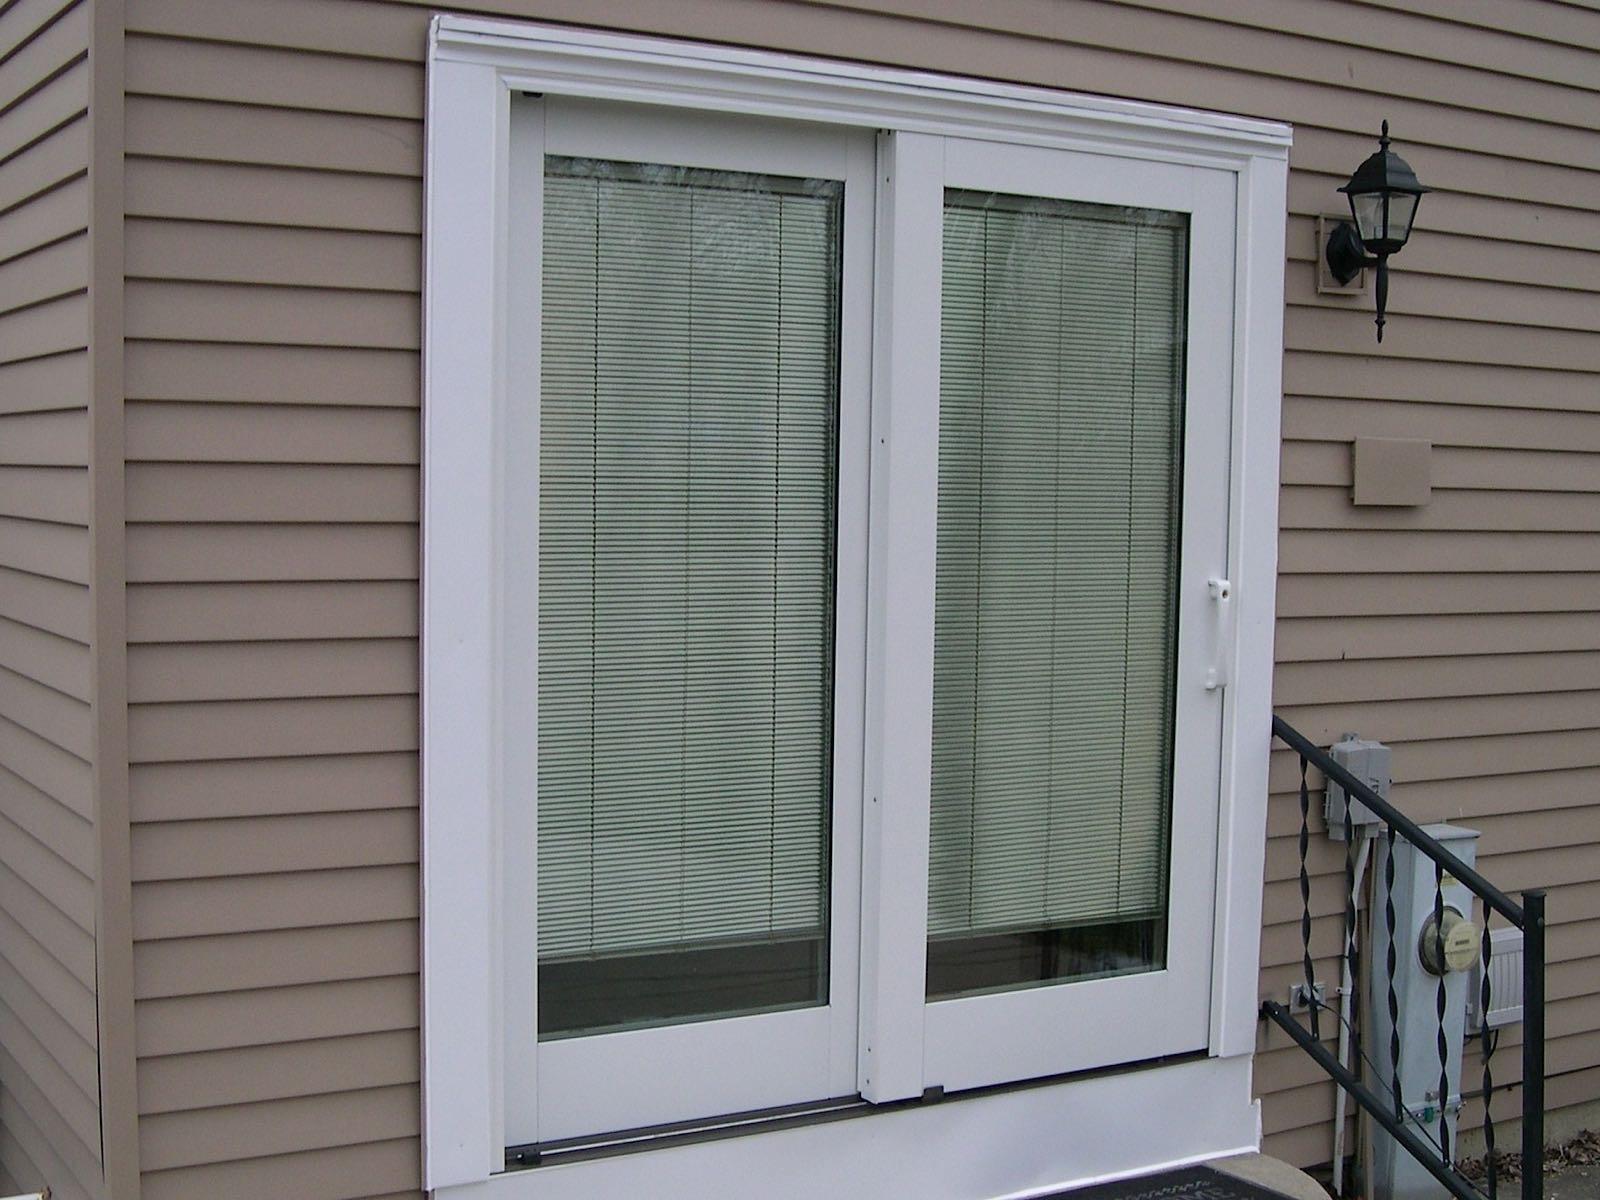 Sliding Doors With Blinds Between Glass Pellapatio doors excel windows replacement windows